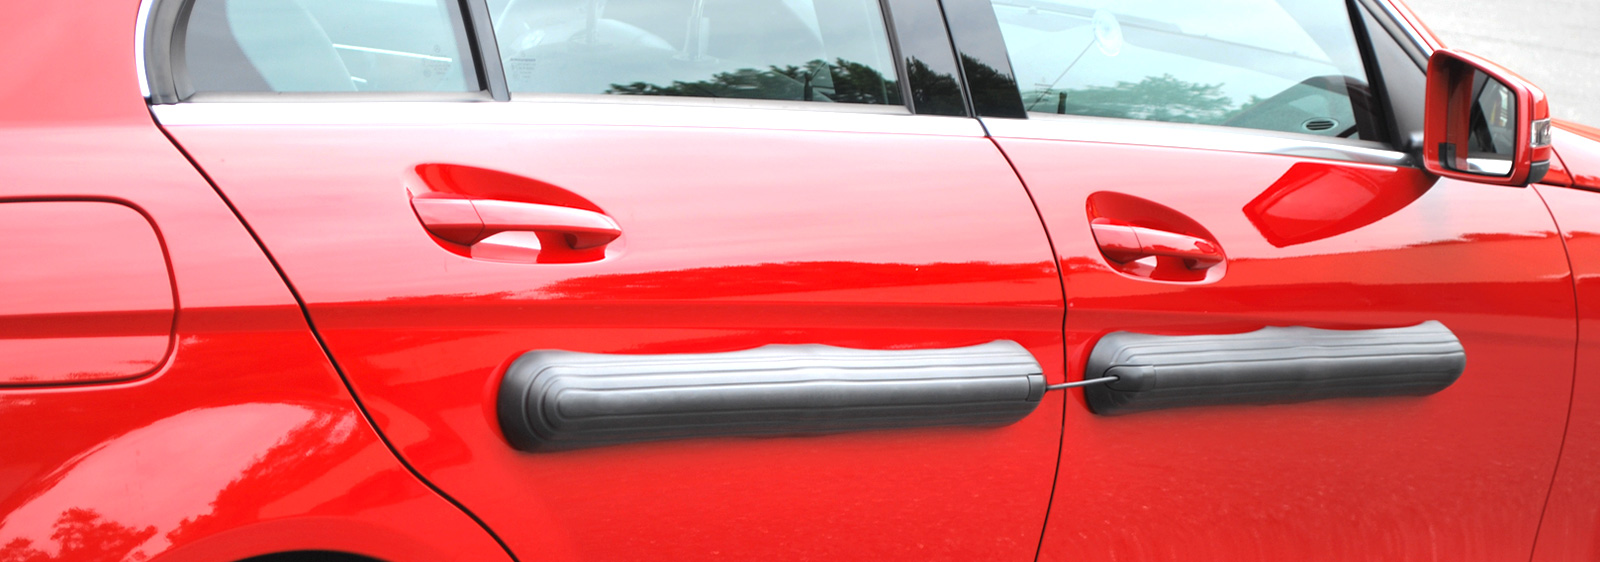 Eurobumperguard factory direct bumper protection rear bumper car door protection rubansaba